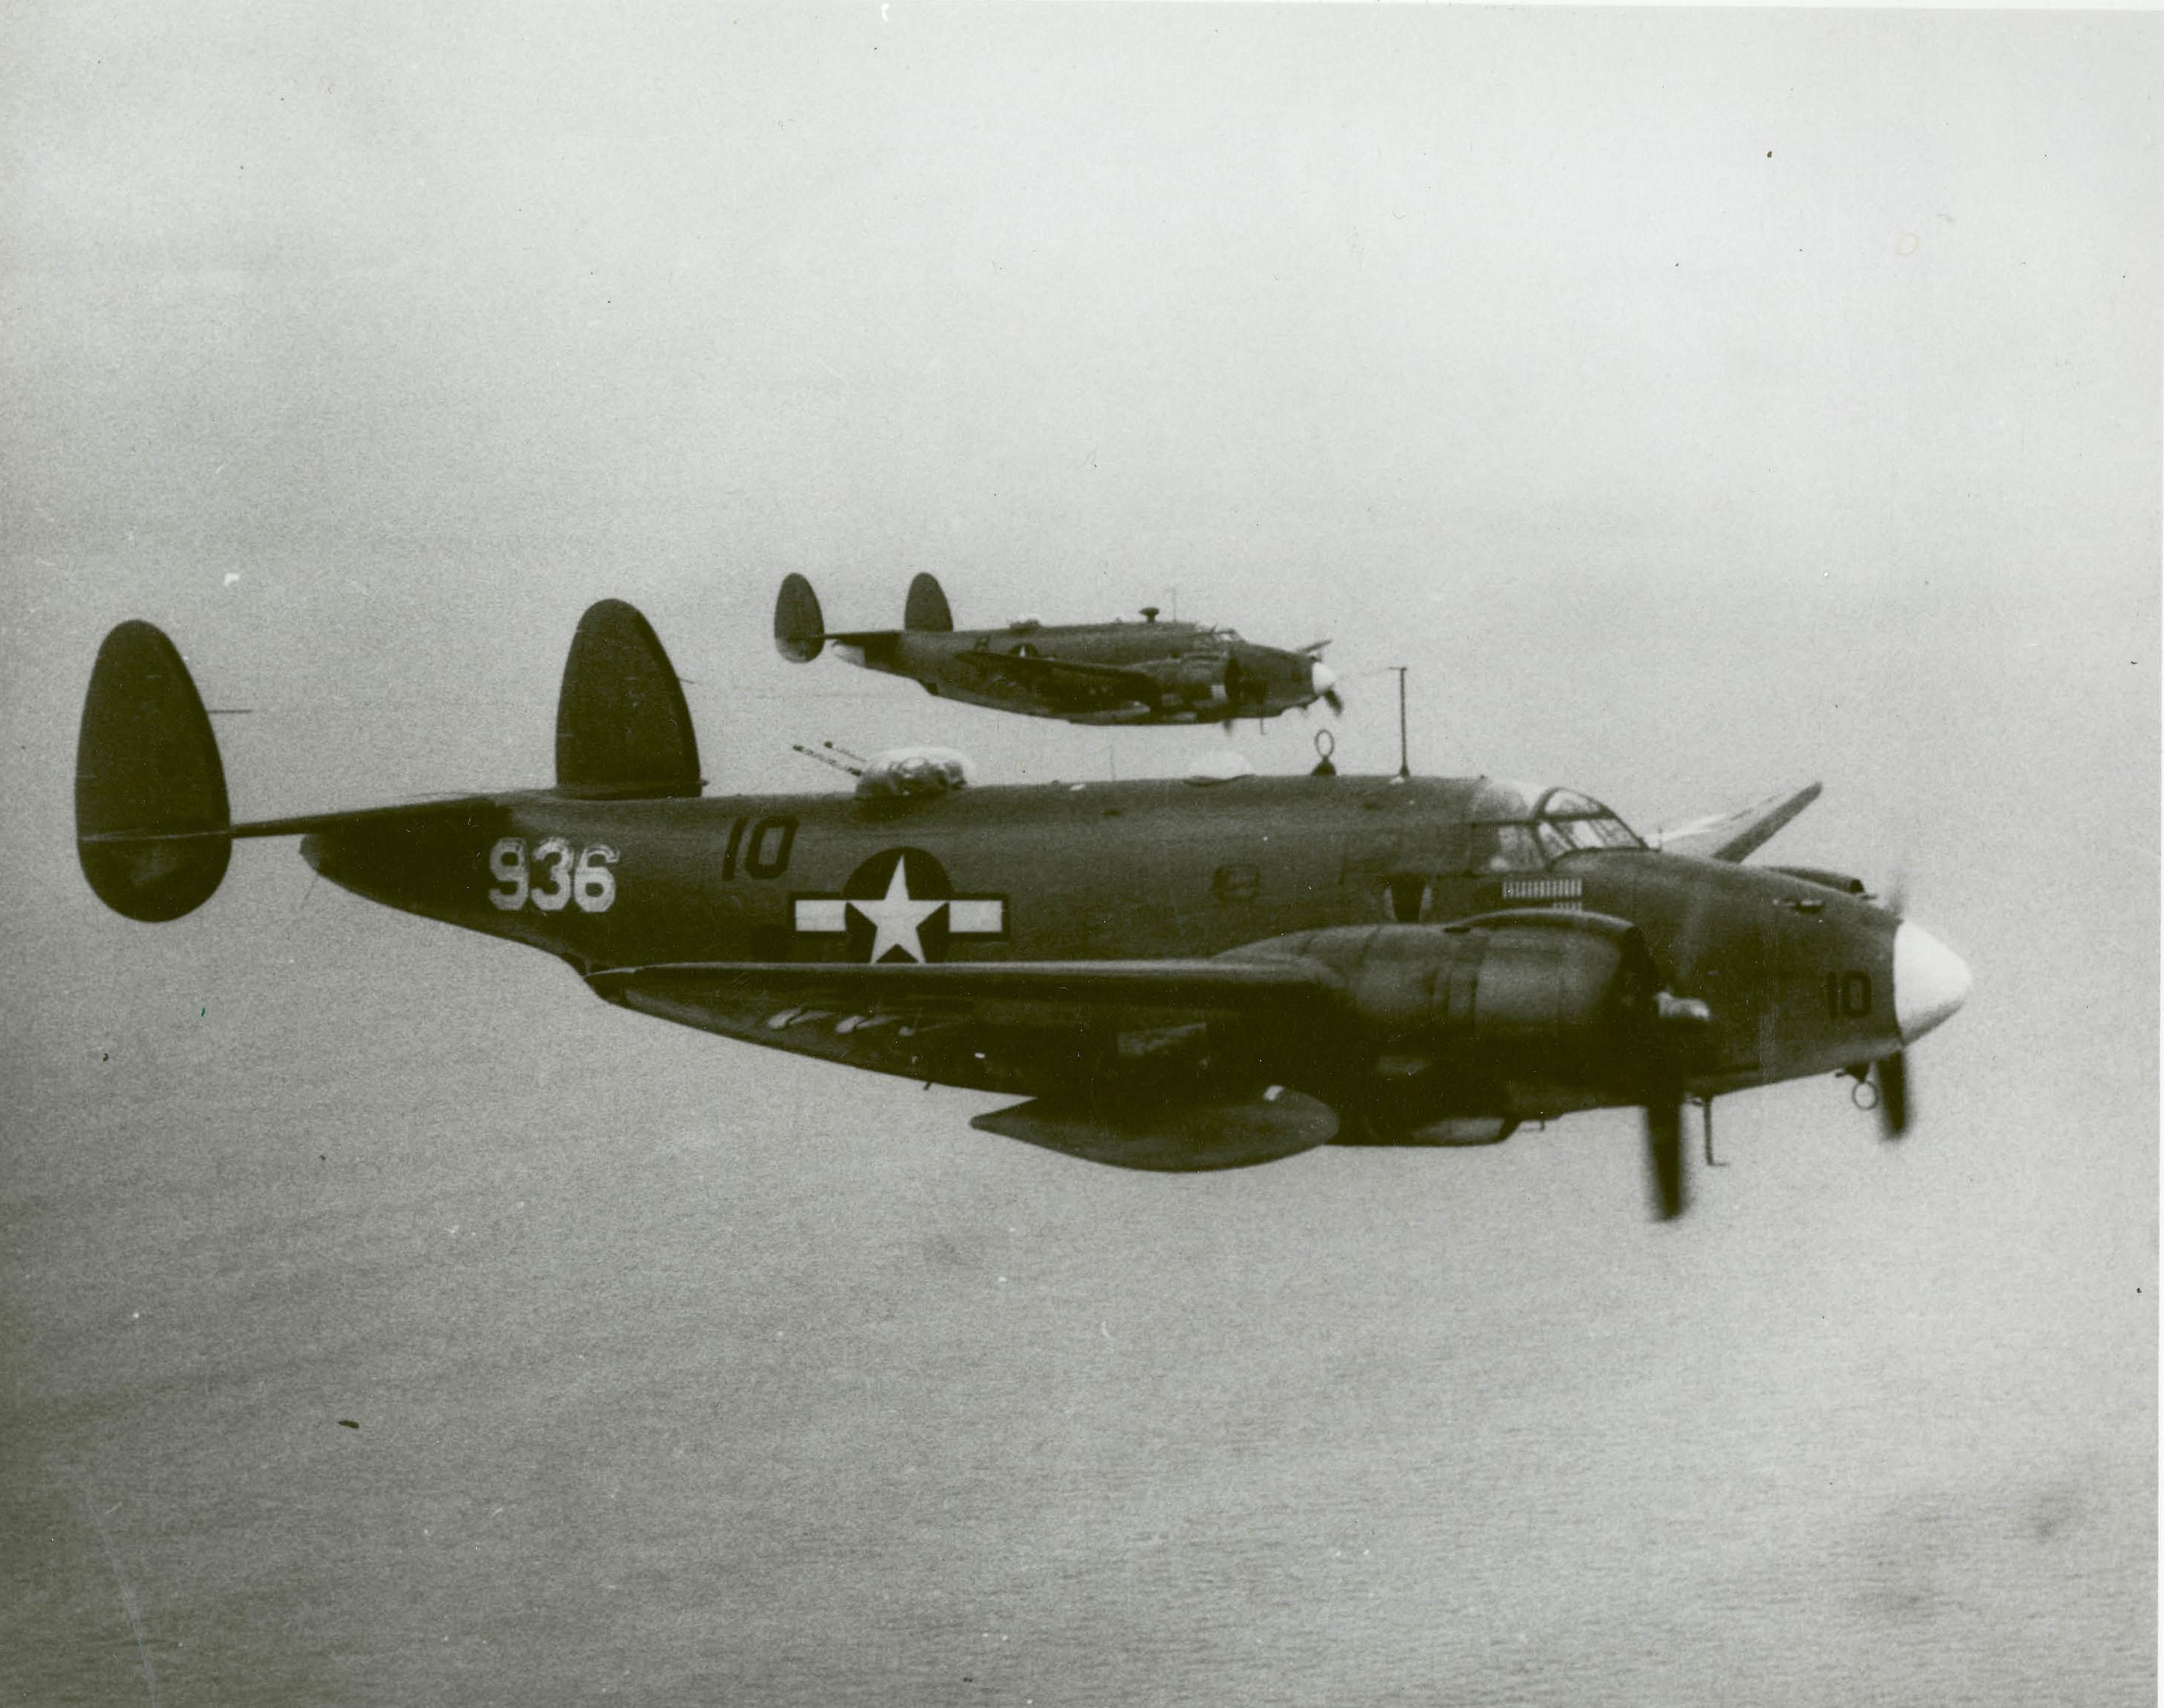 VB-135_8V,10V